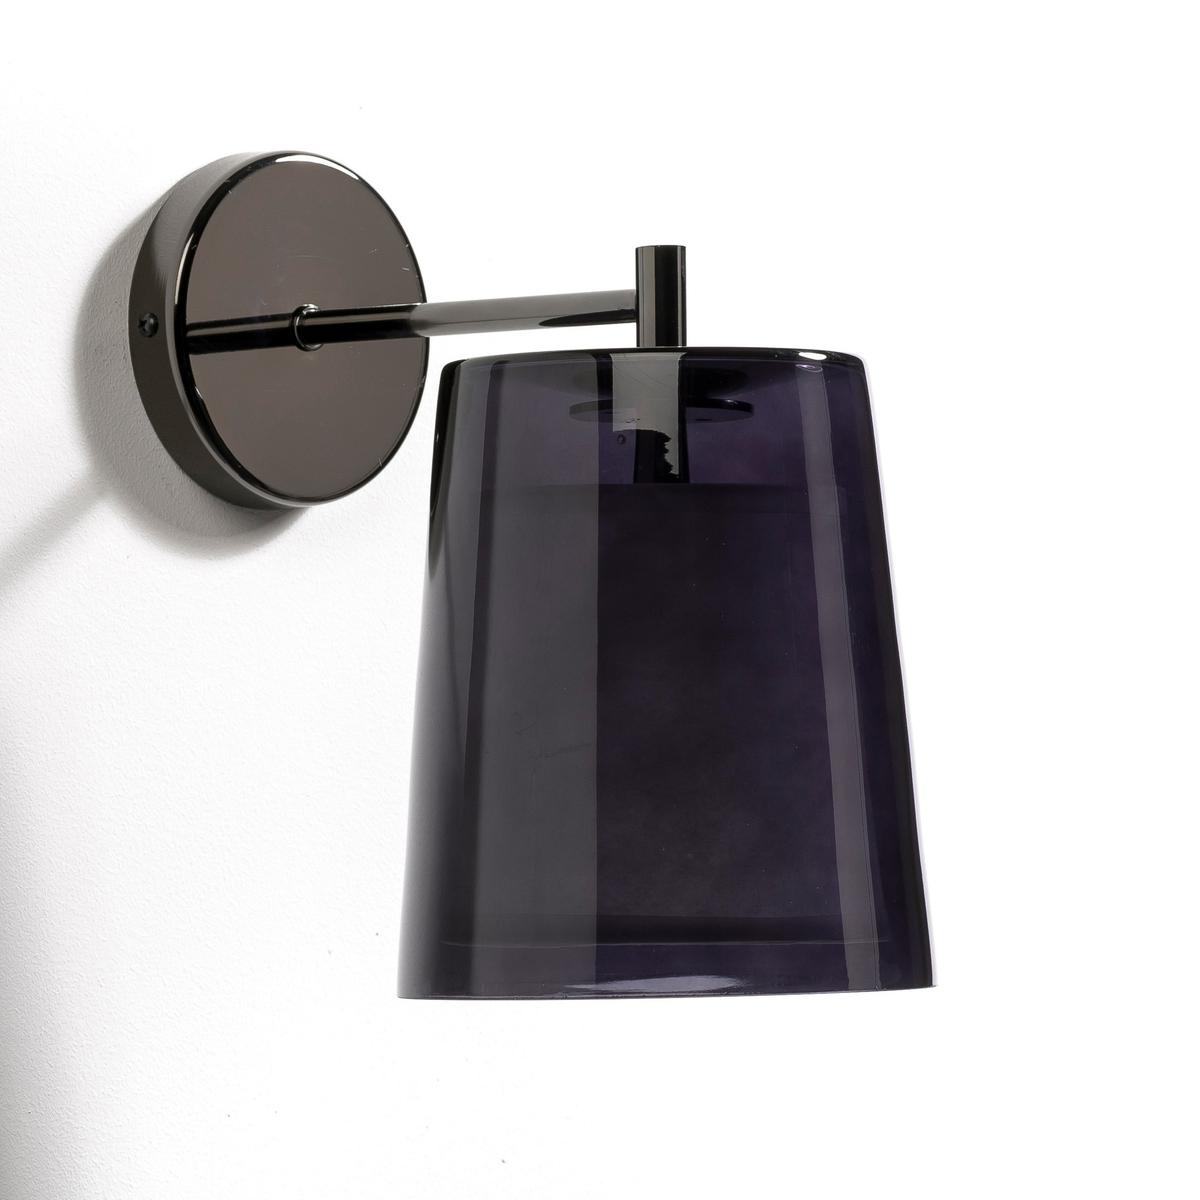 Светильник, DuoДизайнер - Эммануэль Галлина. Элегантность, очевидность и простота - это его ключевые понятия. Для него важны детали, чтобы запечатлеть каждое мгновение в линиях, форме и функциональности. Характеристики : - Подставка из хромированного металла темно-серого цвета  . - Патрон E14 для флюокомпактной лампочки макс 11W (не входит в комплект)  . - Совместима с лампочками электрического класса  A.     Размеры : - ?14,5 x 23,5 x 23,5 см<br><br>Цвет: дымчато-серый,прозрачный